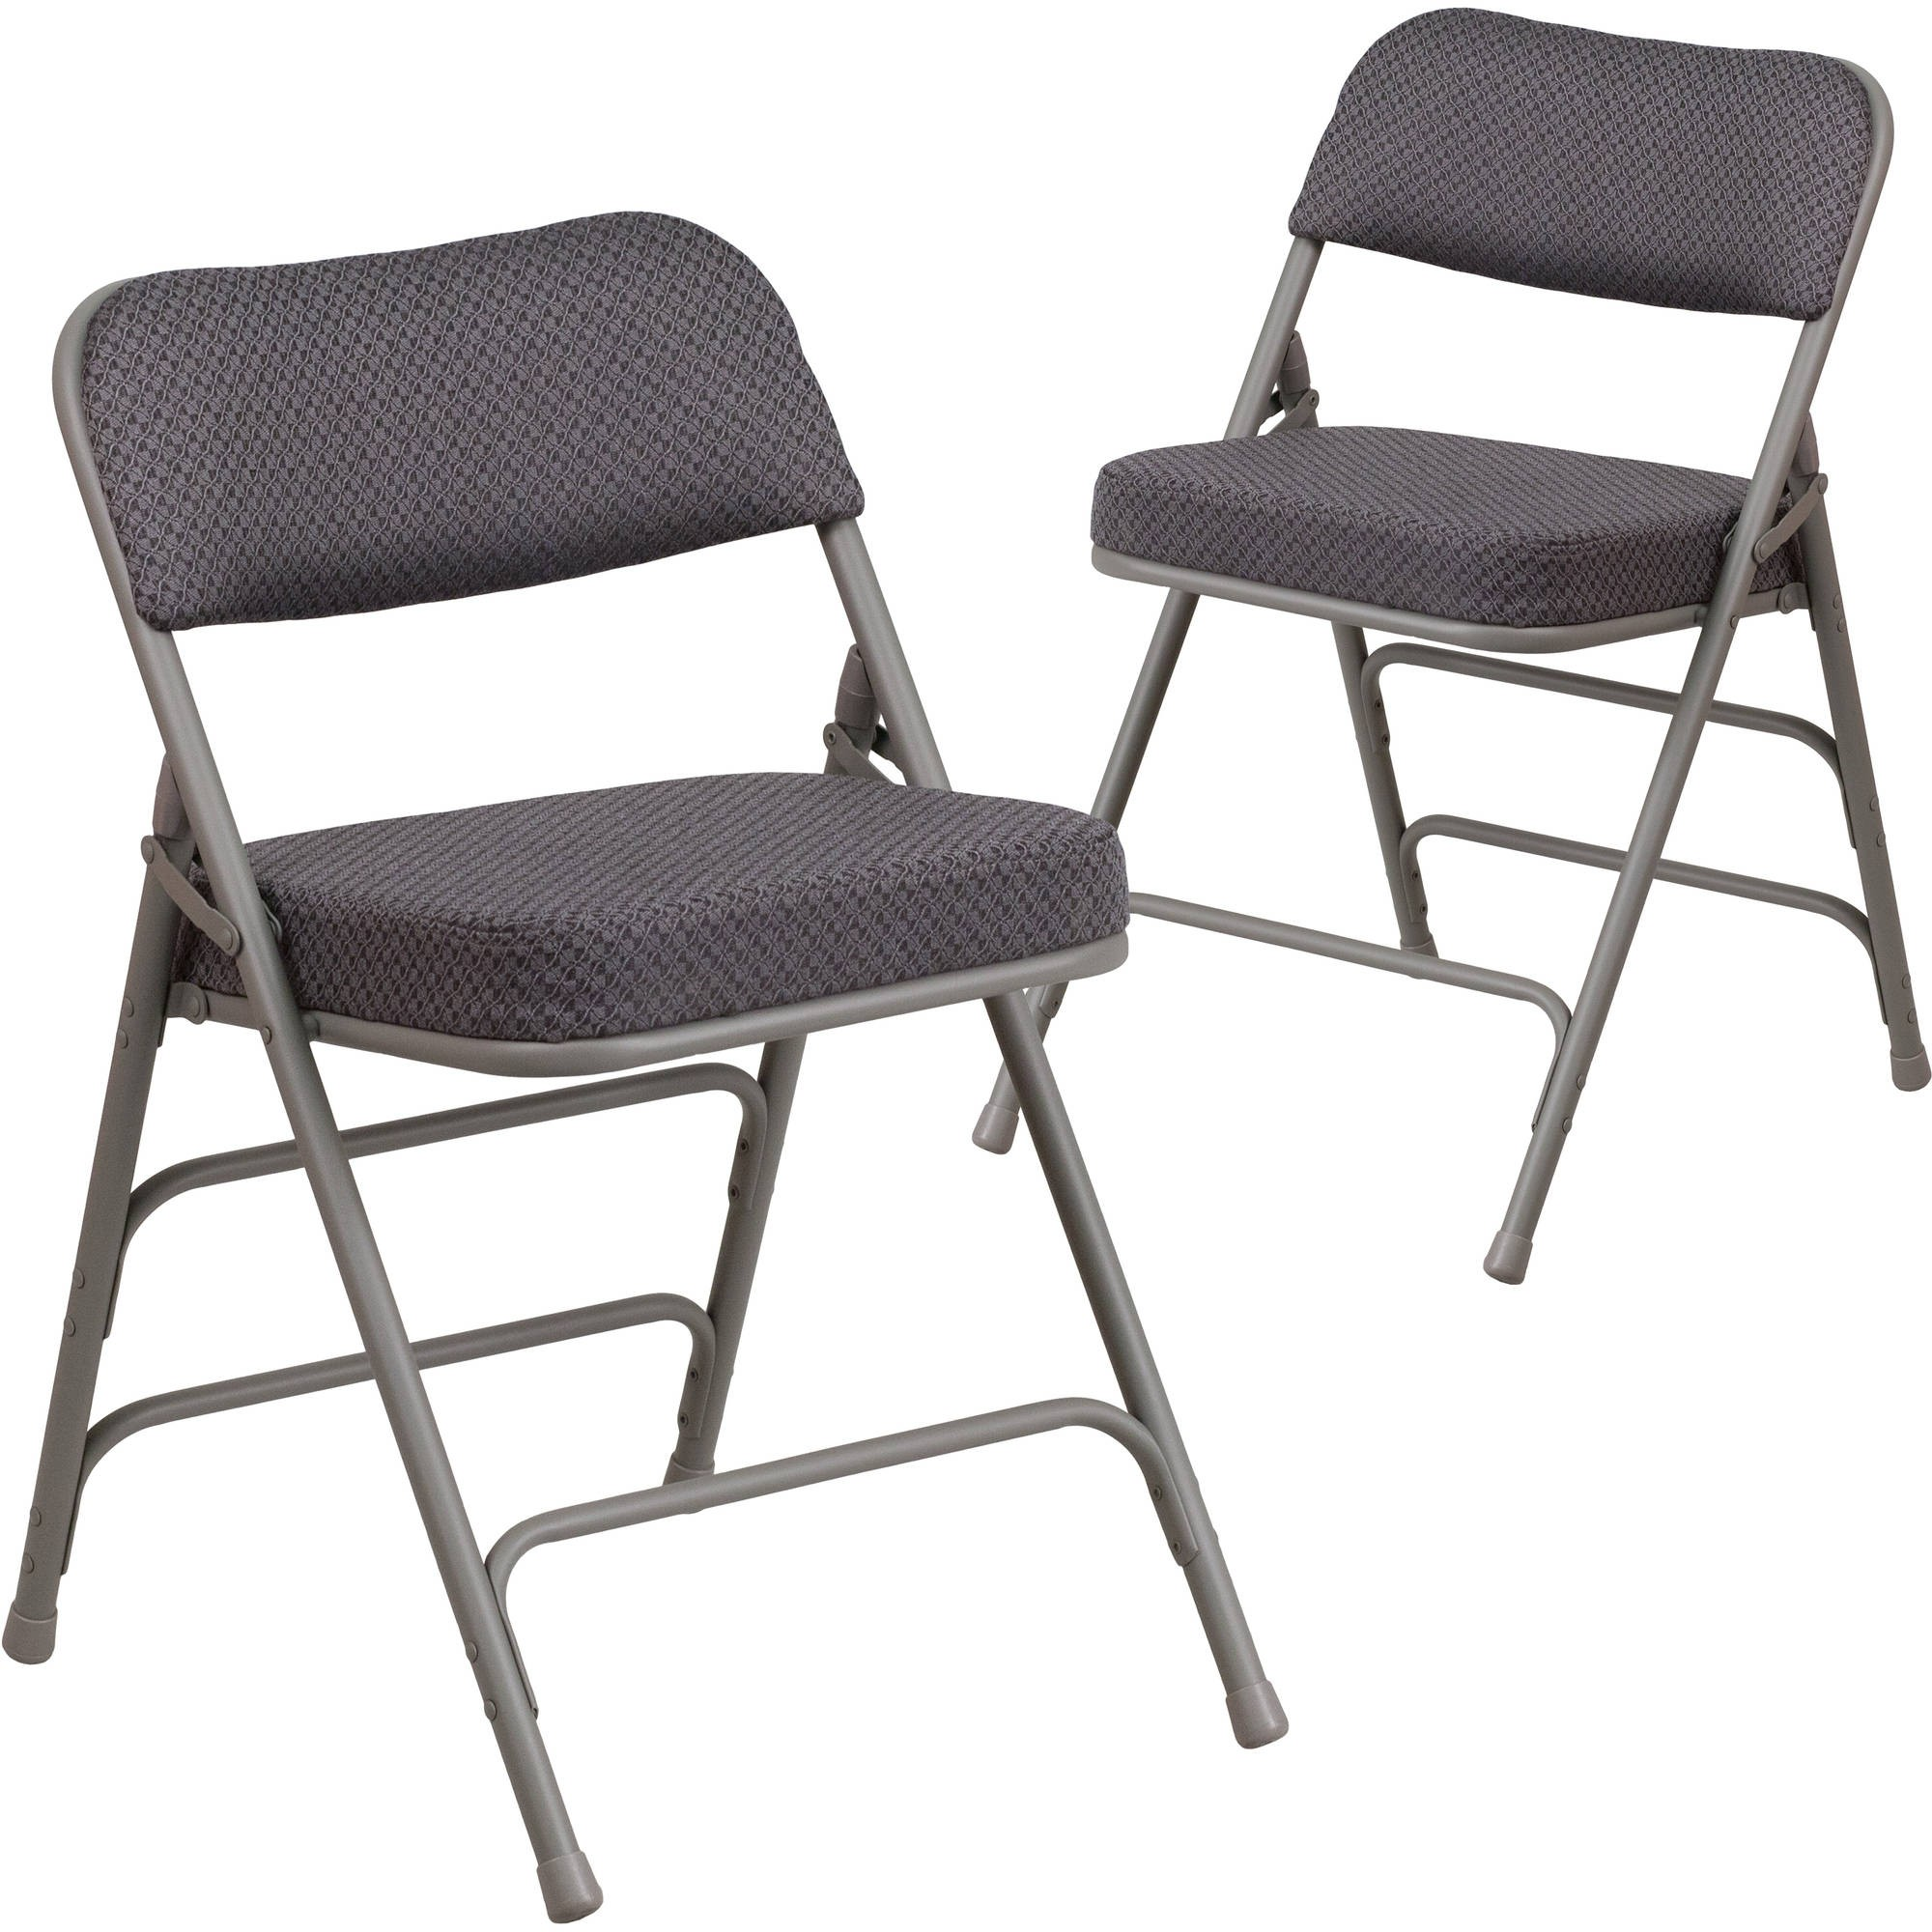 Attirant Heavy Duty Folding Lawn Chairs